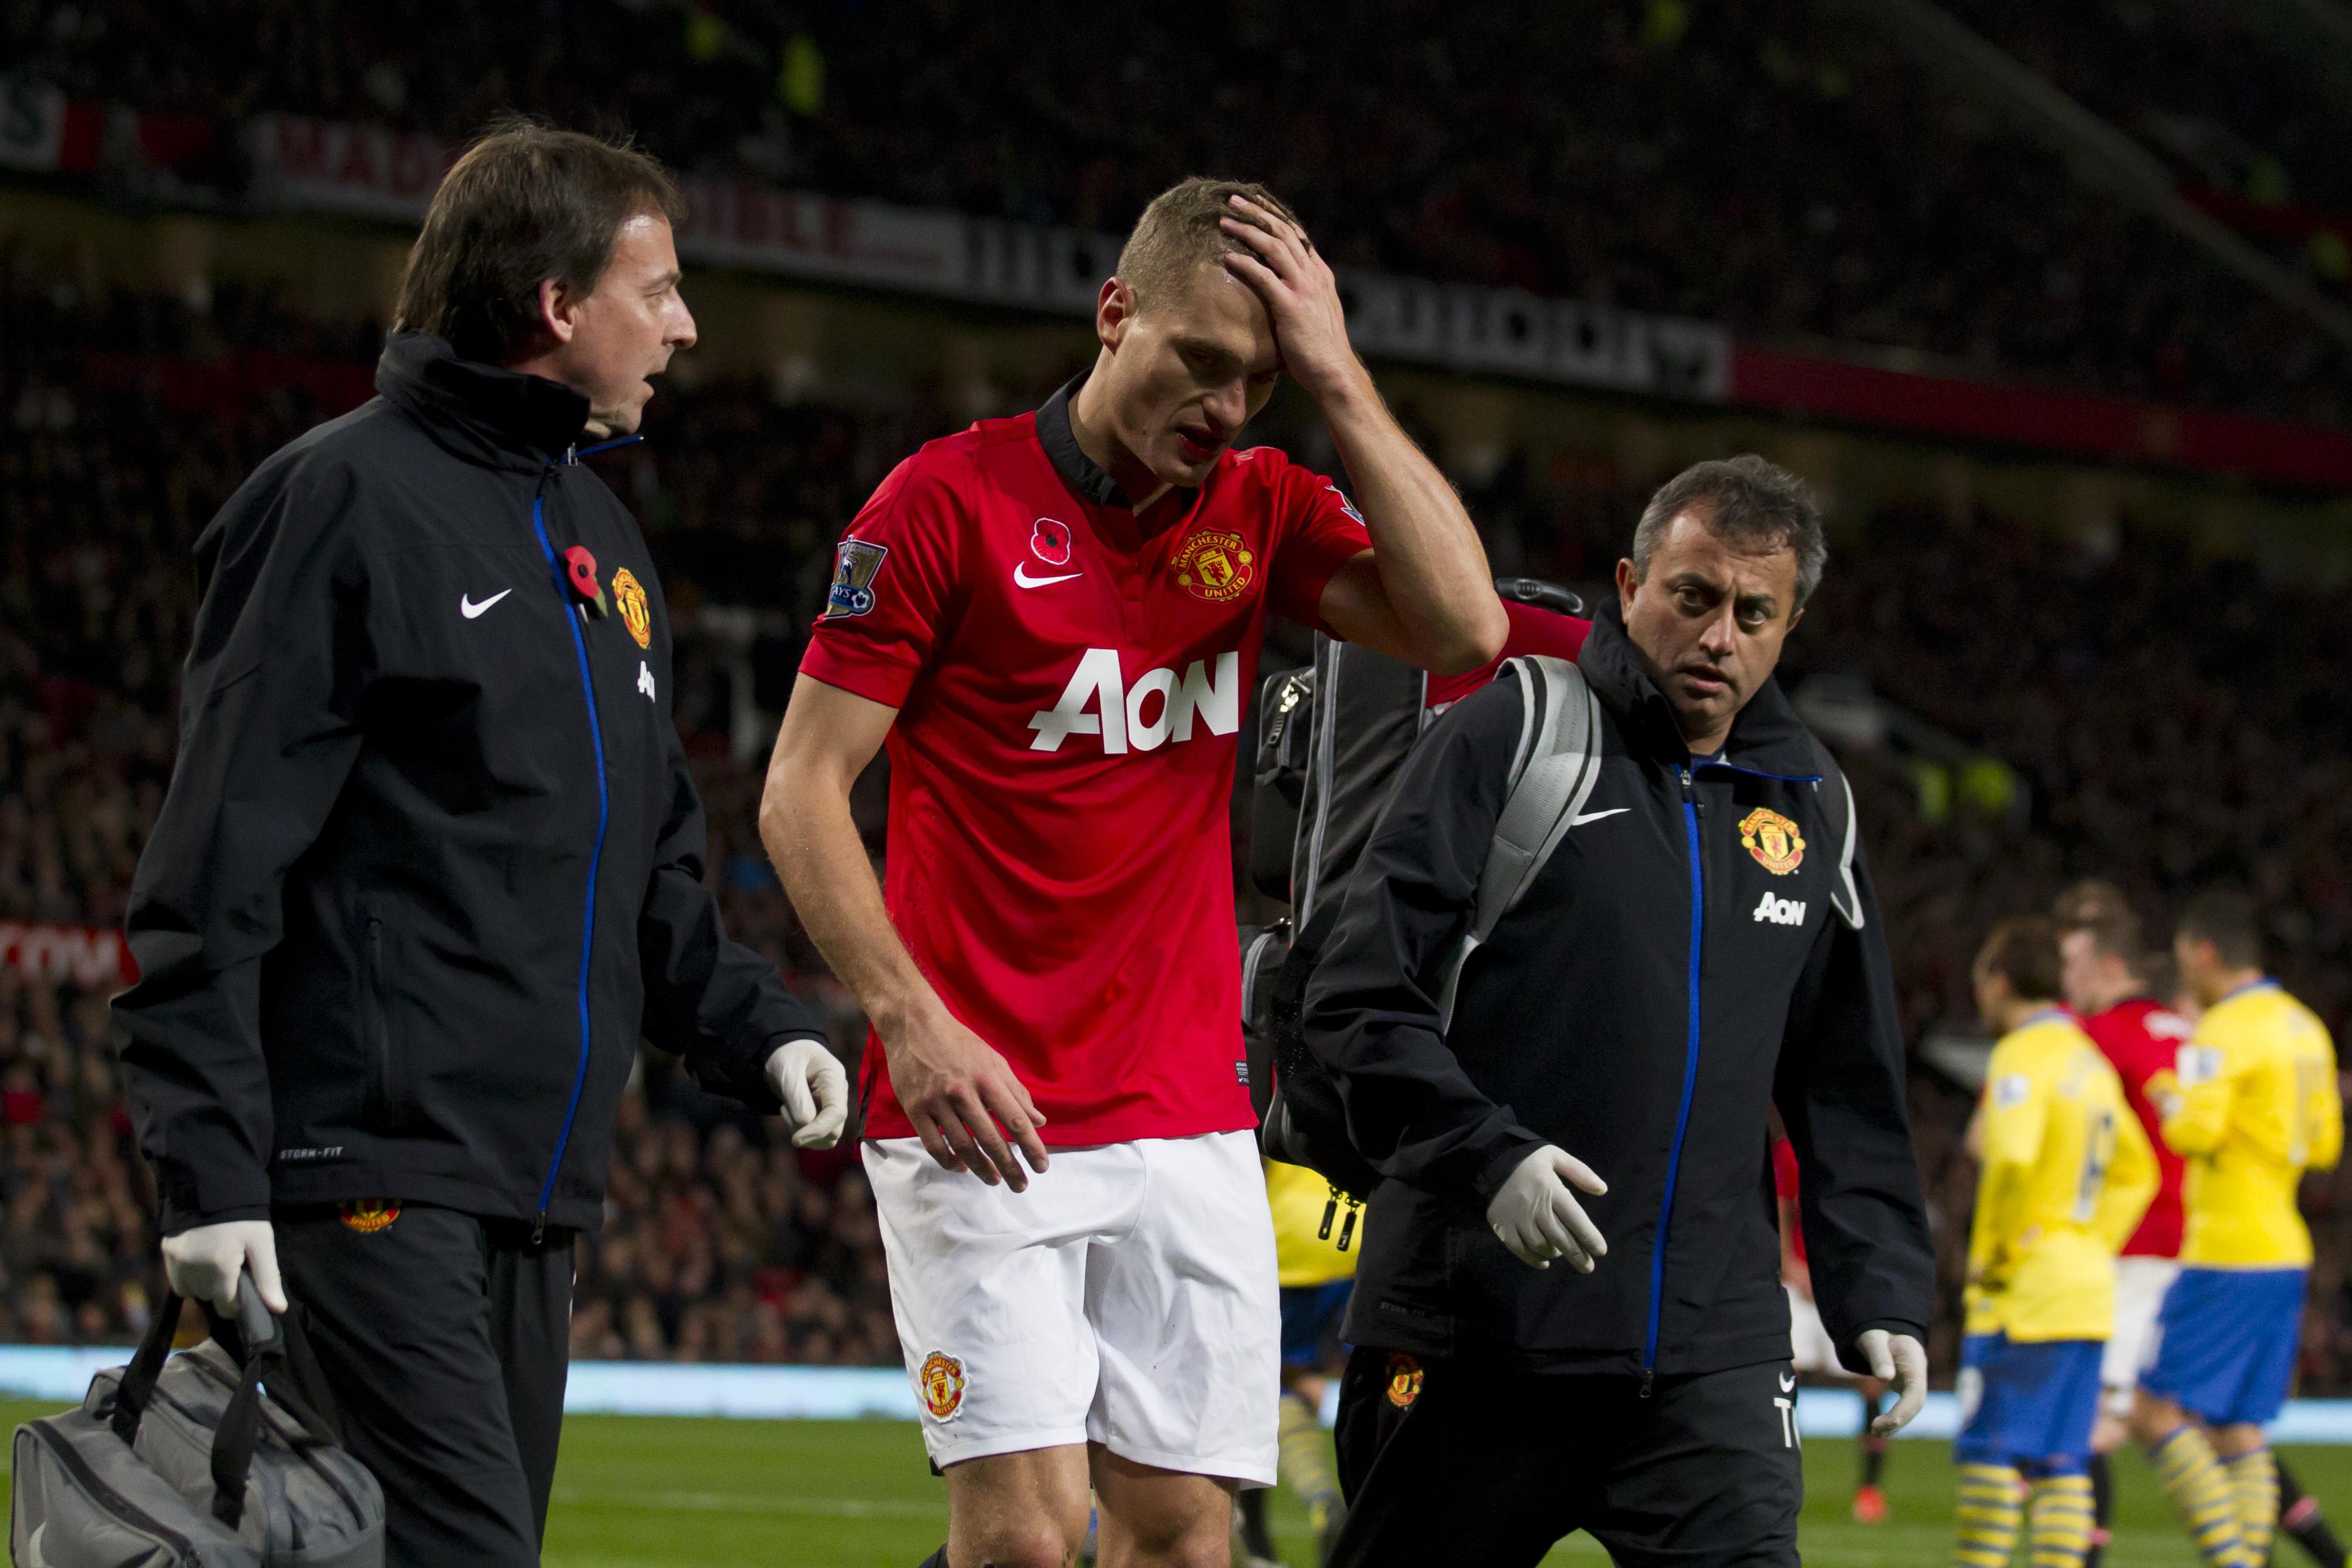 Видич получил травму головы в матче с Арсеналом